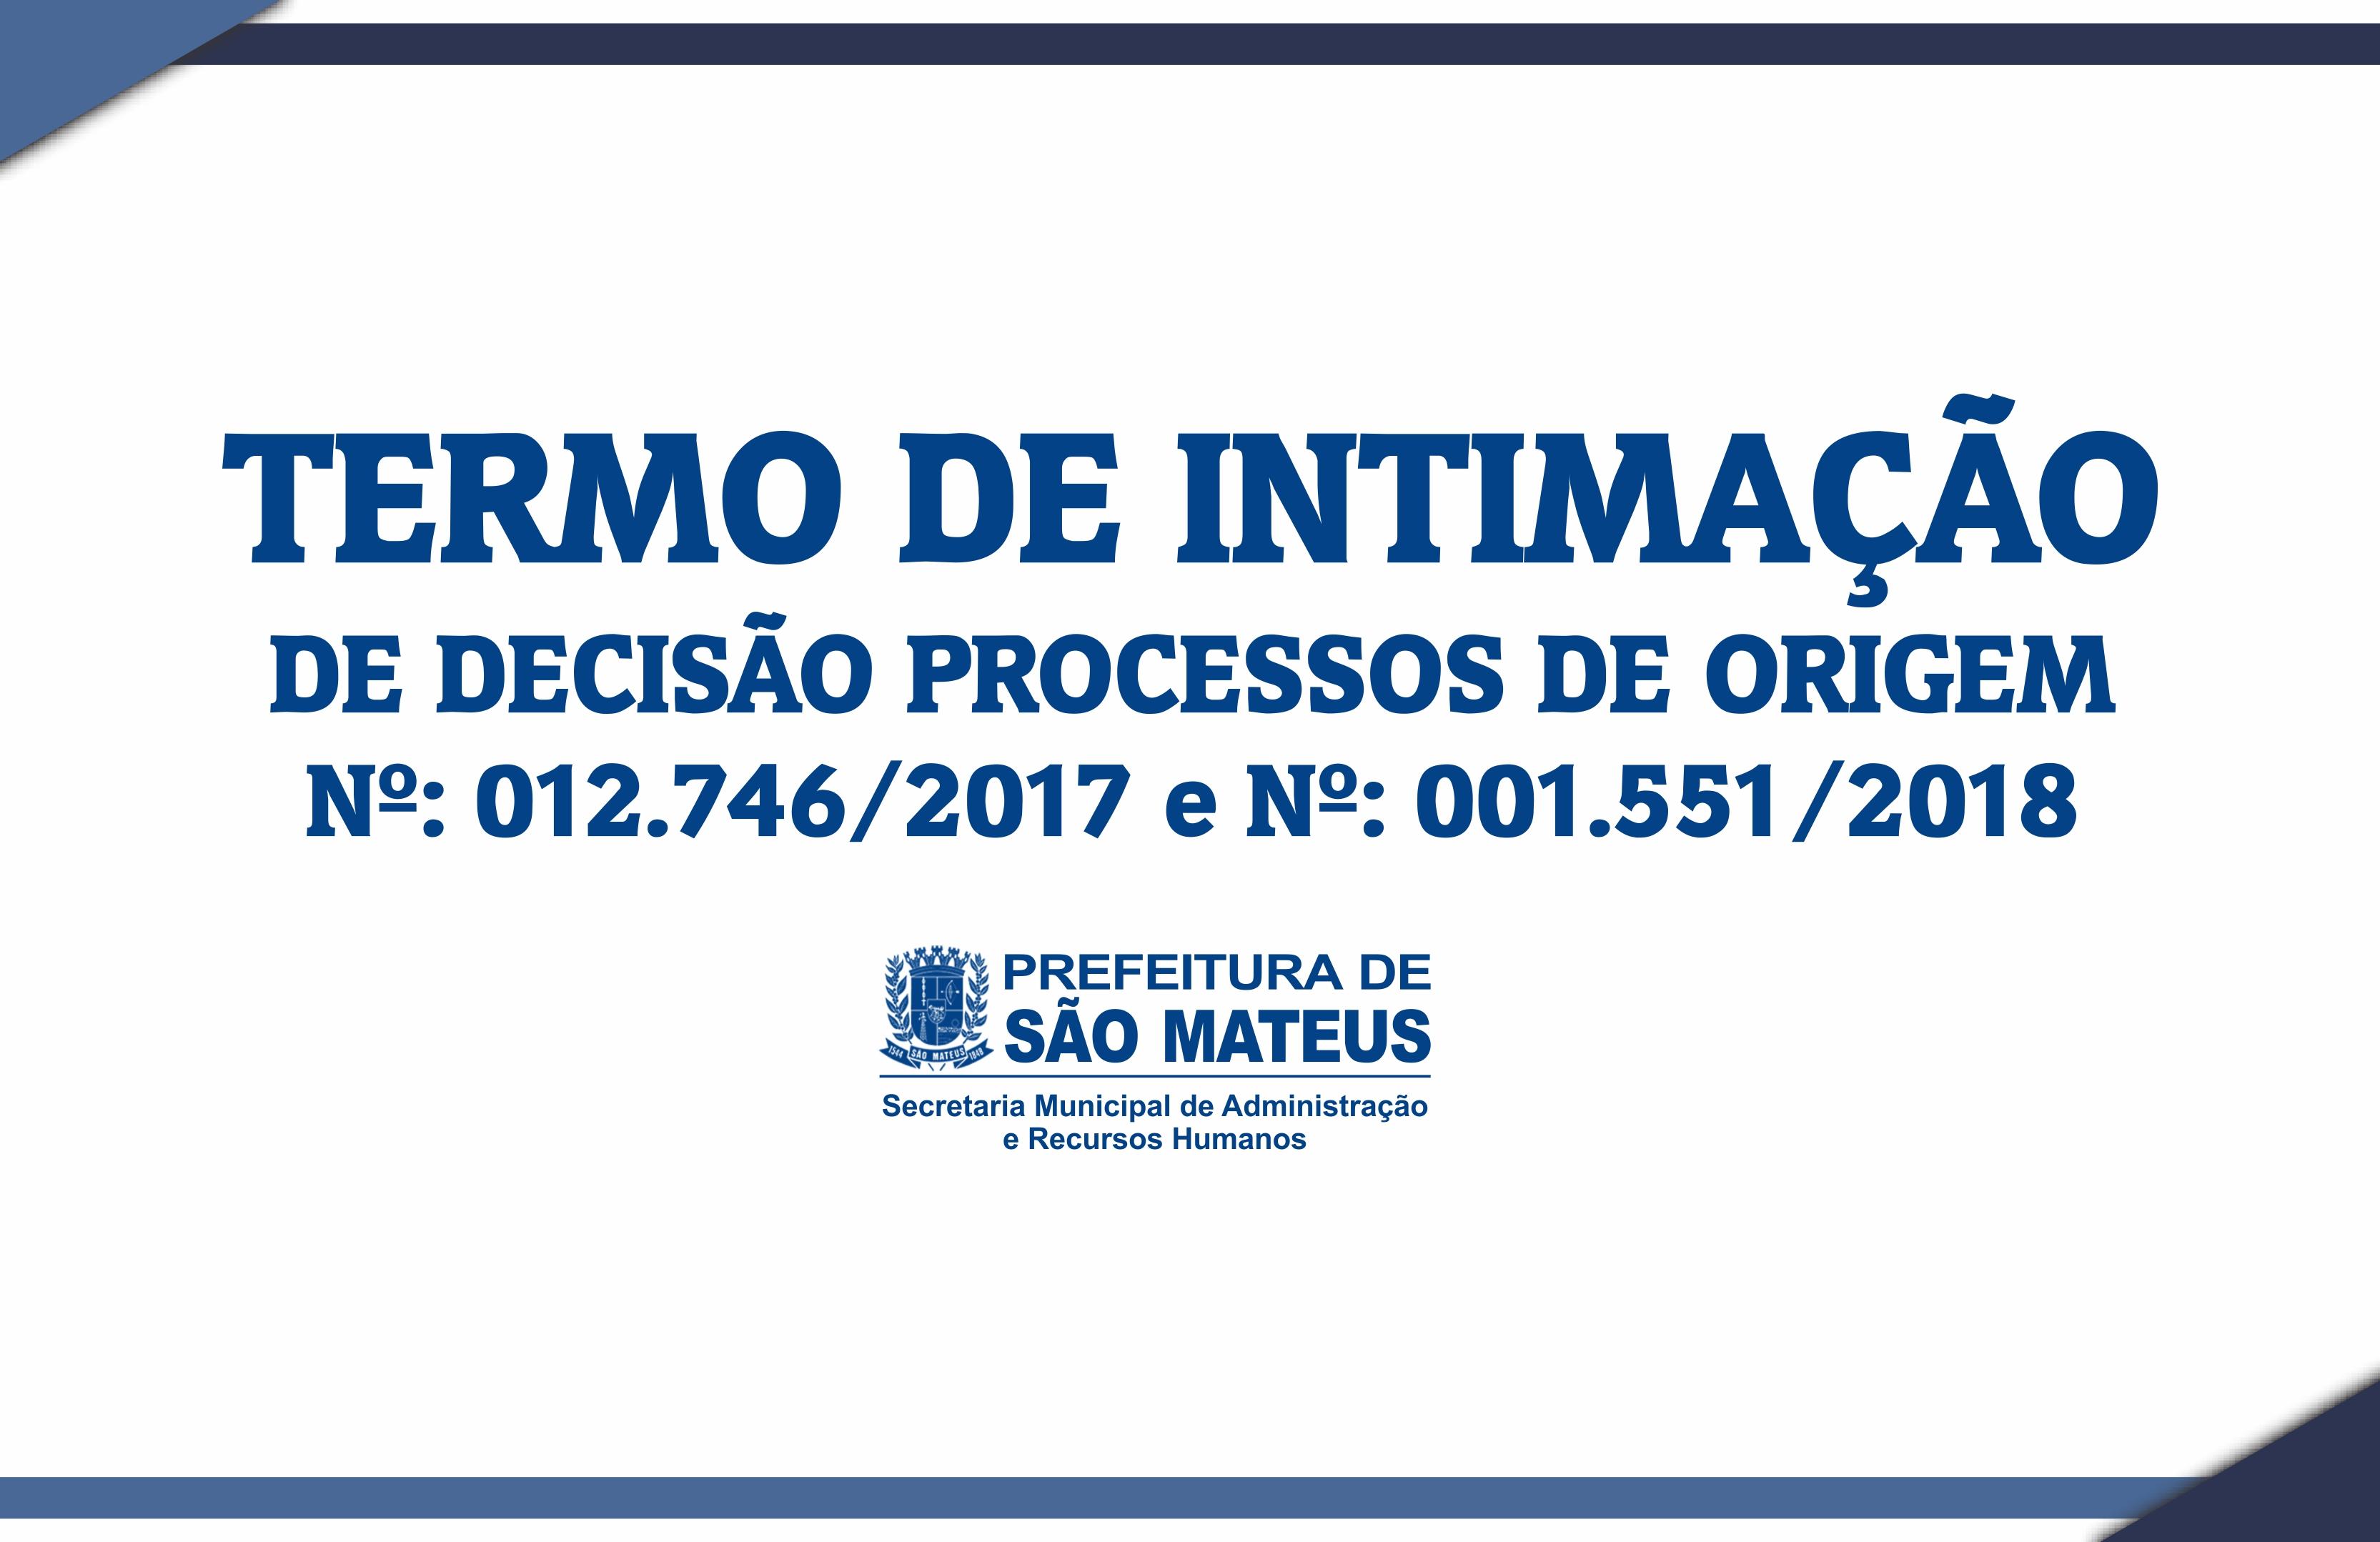 TERMO DE INTIMAÇÃO DE DECISÃO PROCESSOS DE ORIGEM Nº: 012.746/2017 e Nº: 001.551/2018